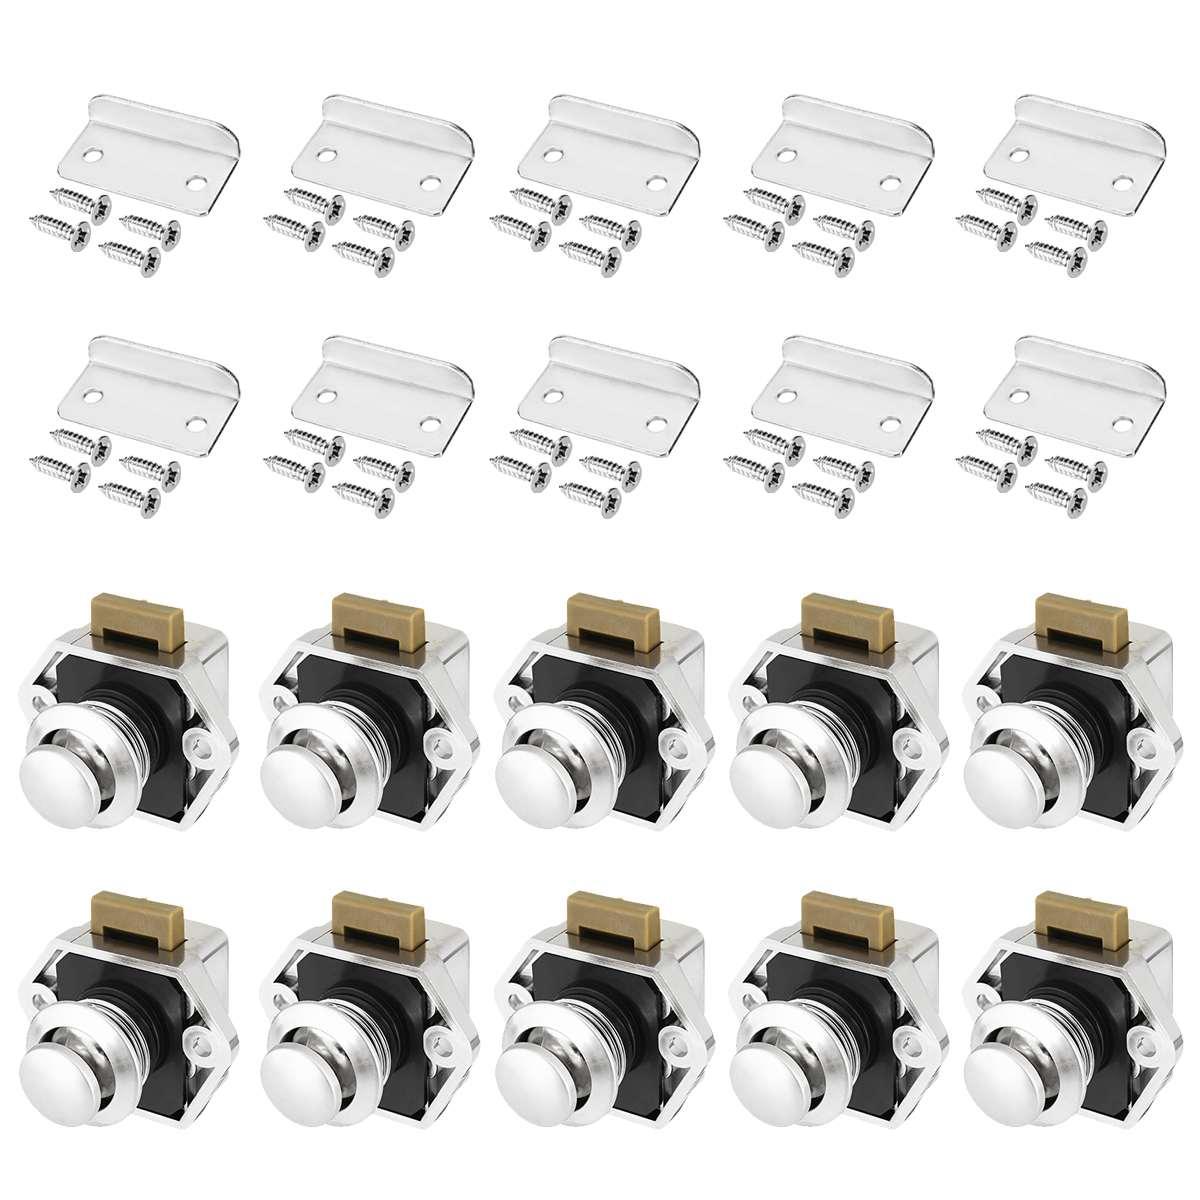 10 pces carro push lock diâmetro 20mm rv caravana barco a motor armário de casa gaveta trava botão fechaduras para móveis ferragem